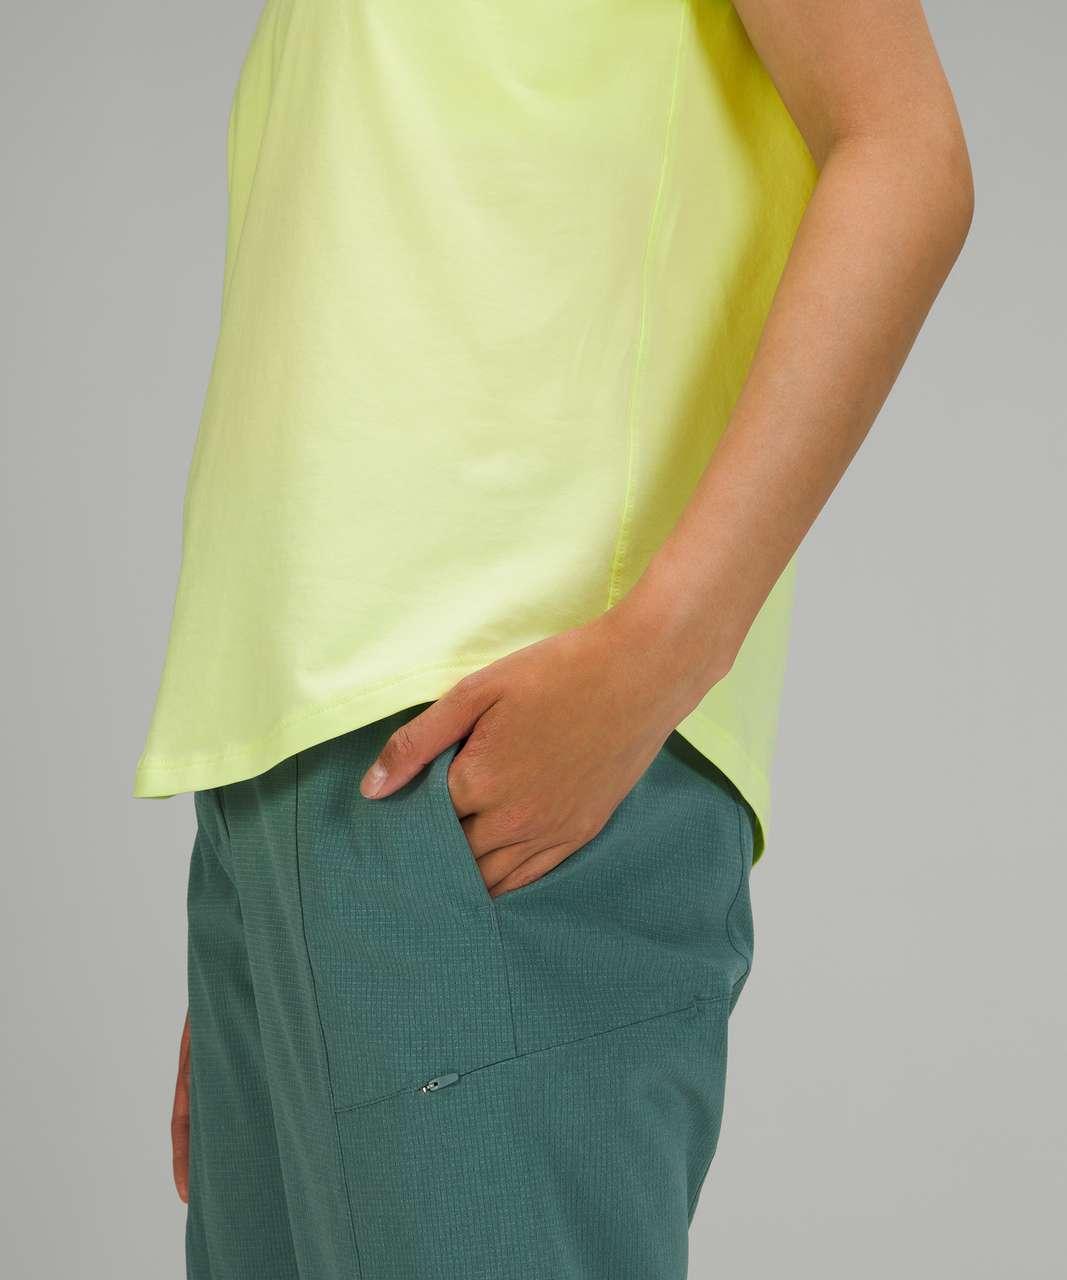 Lululemon Love Tee Short Sleeve V-Neck T-Shirt - Crispin Green